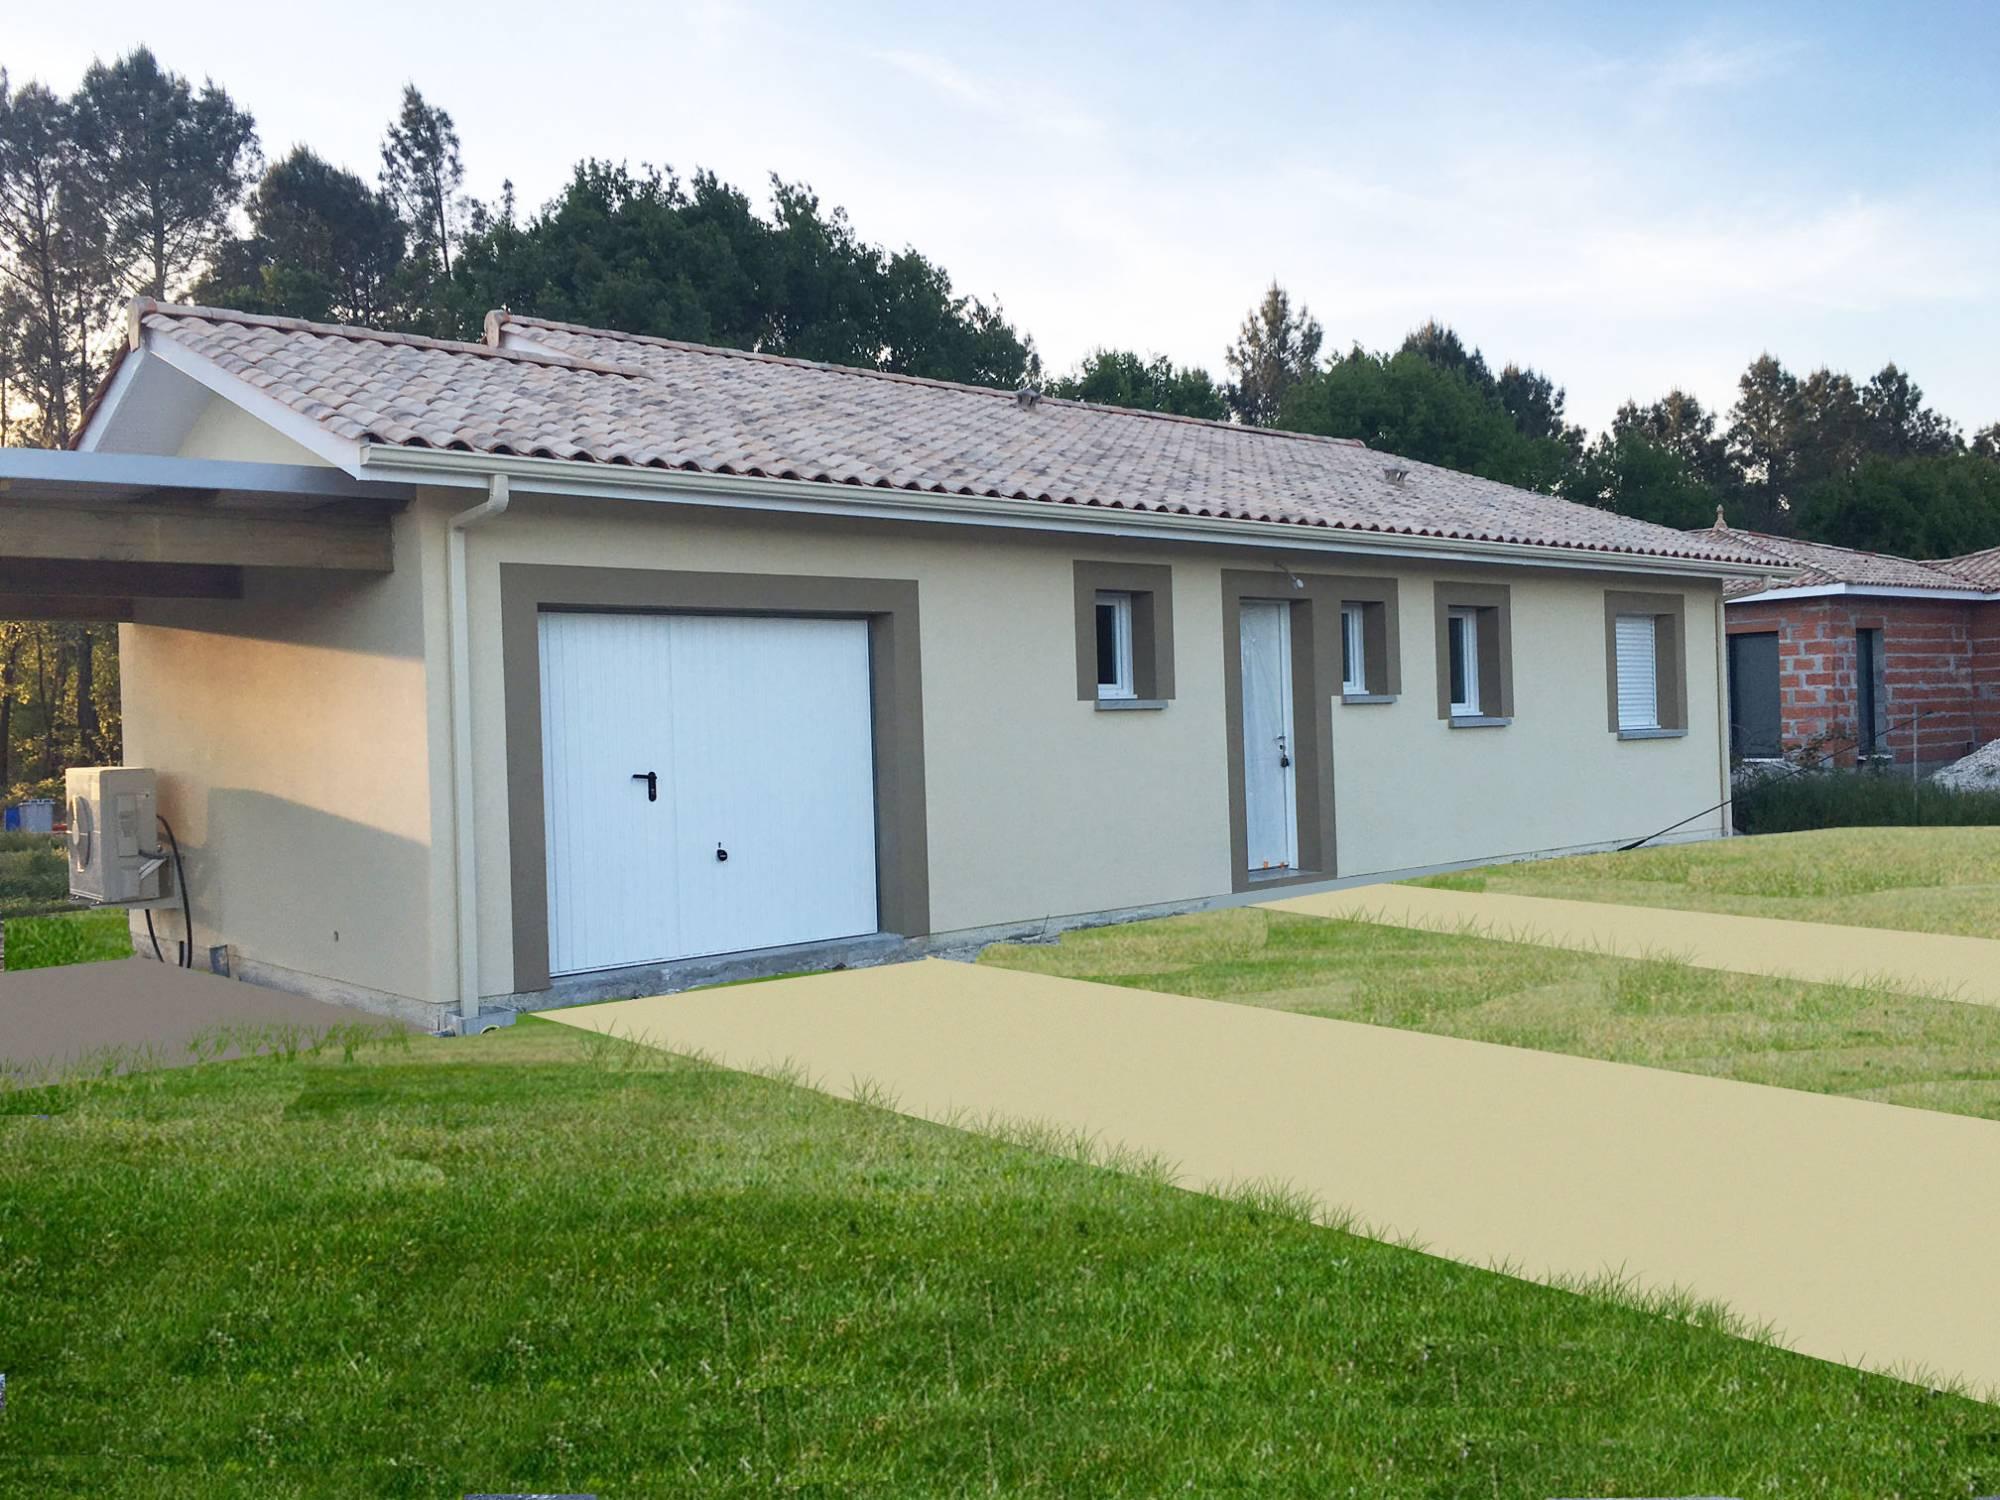 Maison plein pied avec garage DANS LE SUD OUEST - Constructeur de ...